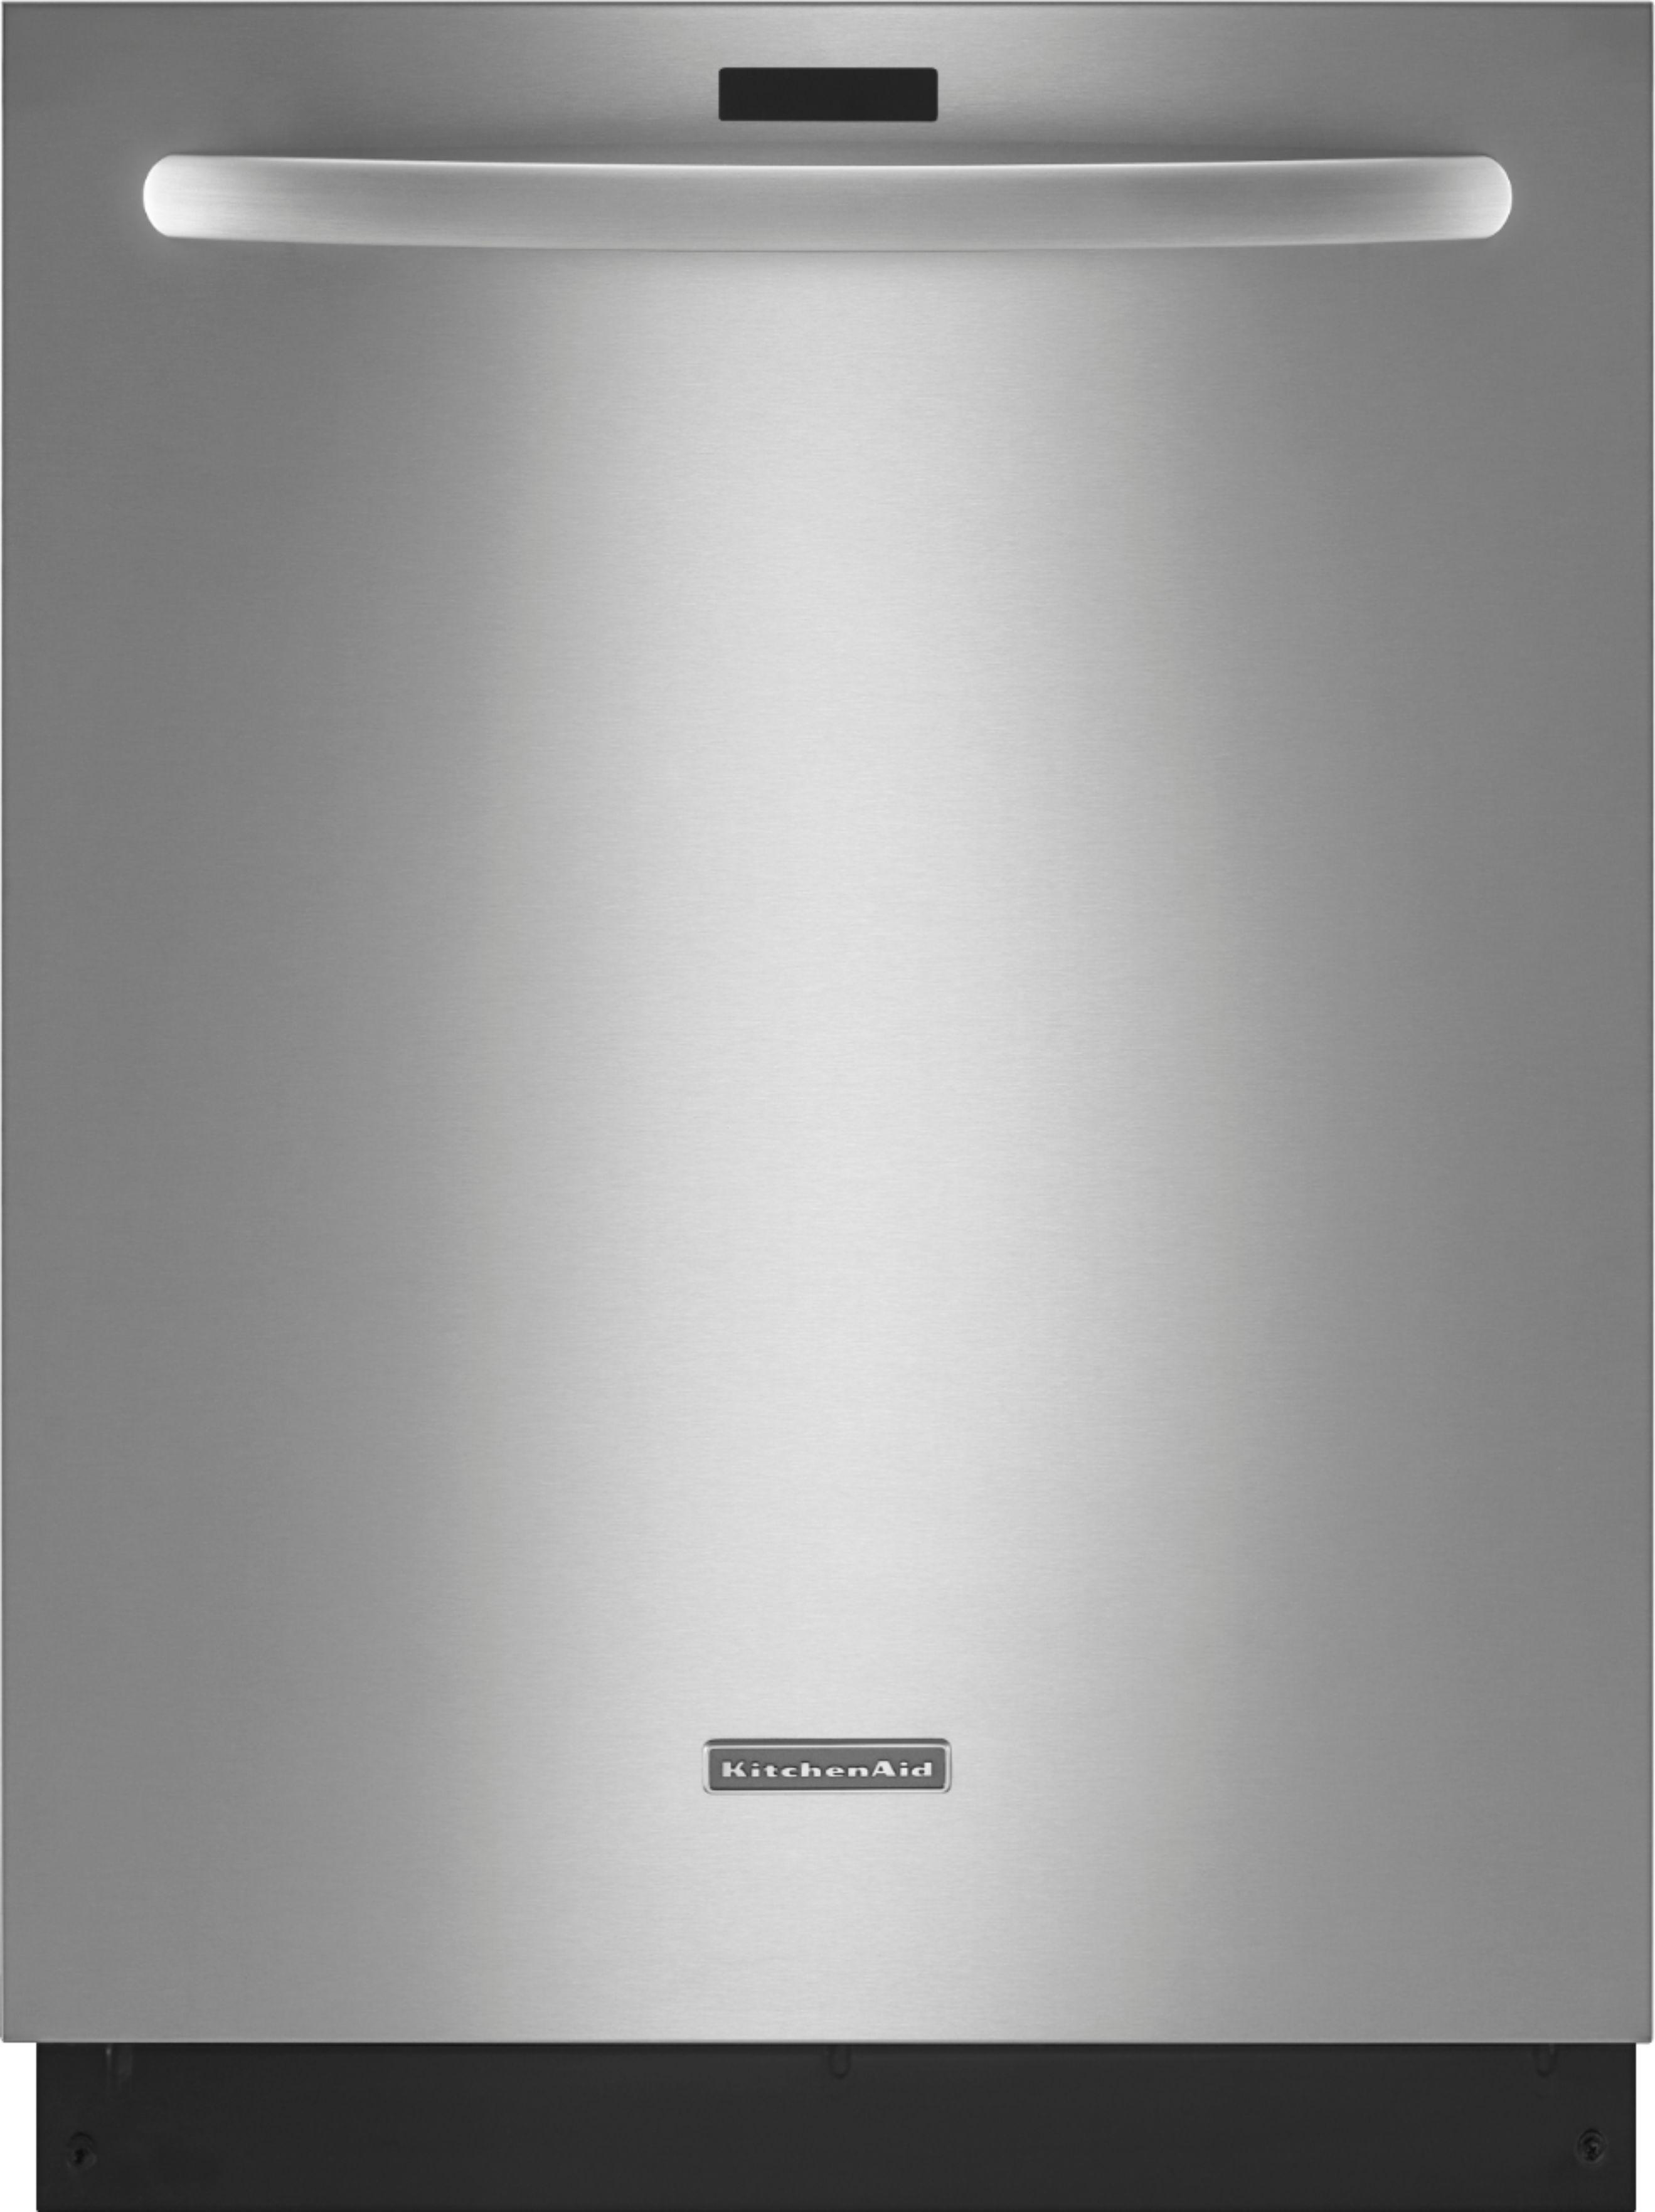 Kitchenaid Stainless Steel Dishwasher Kitchen Design Ideas